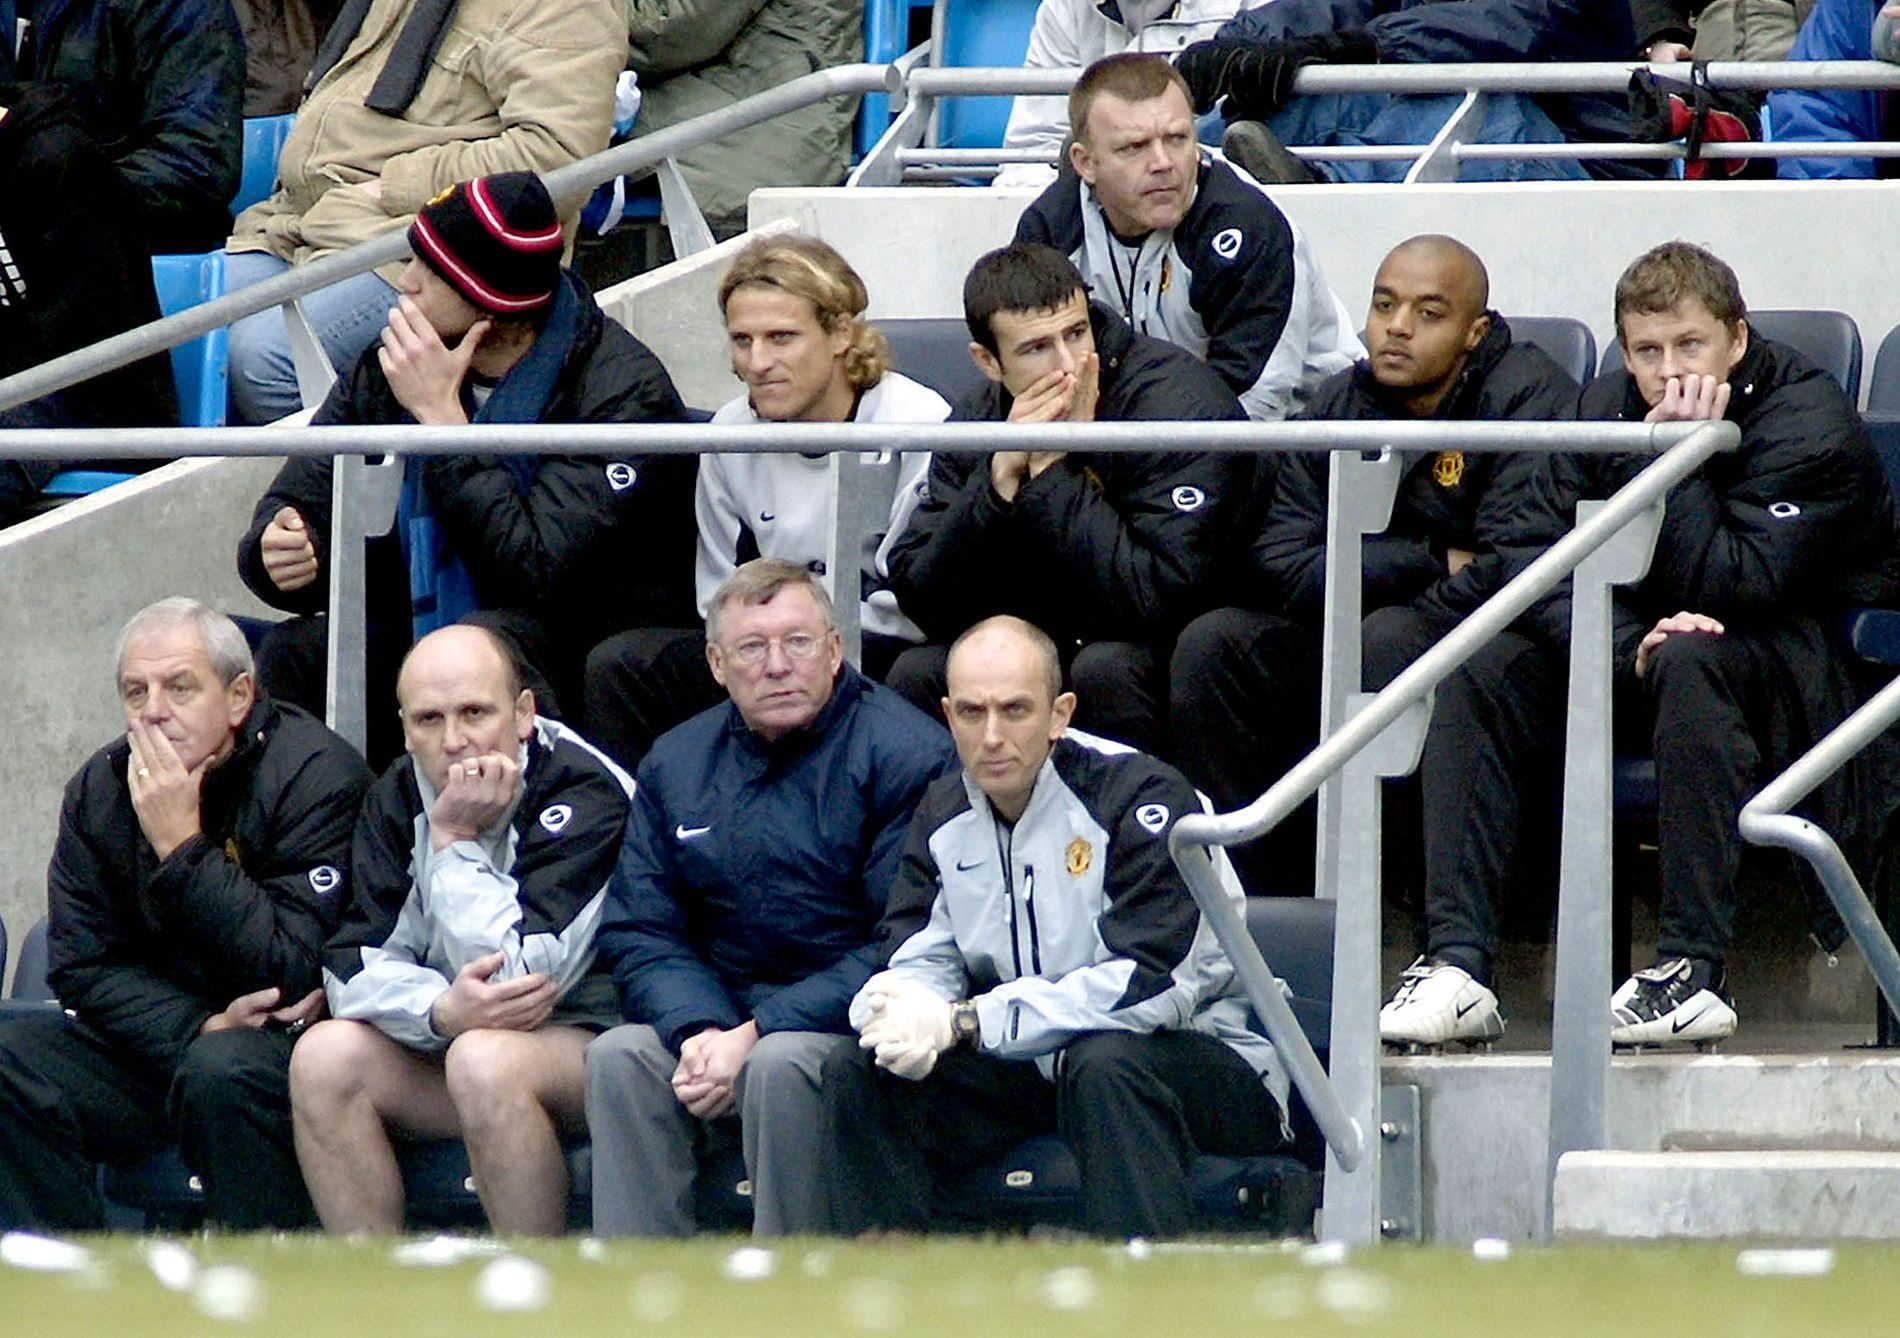 KJENT MED BENKEN: Ole Gunnar Solskjær på benken under et møte med Manchester City i 2004. Han kom inn de siste 18 minuttene for Cristiano Ronaldo, uten at det hjalp. City vant 4–1.